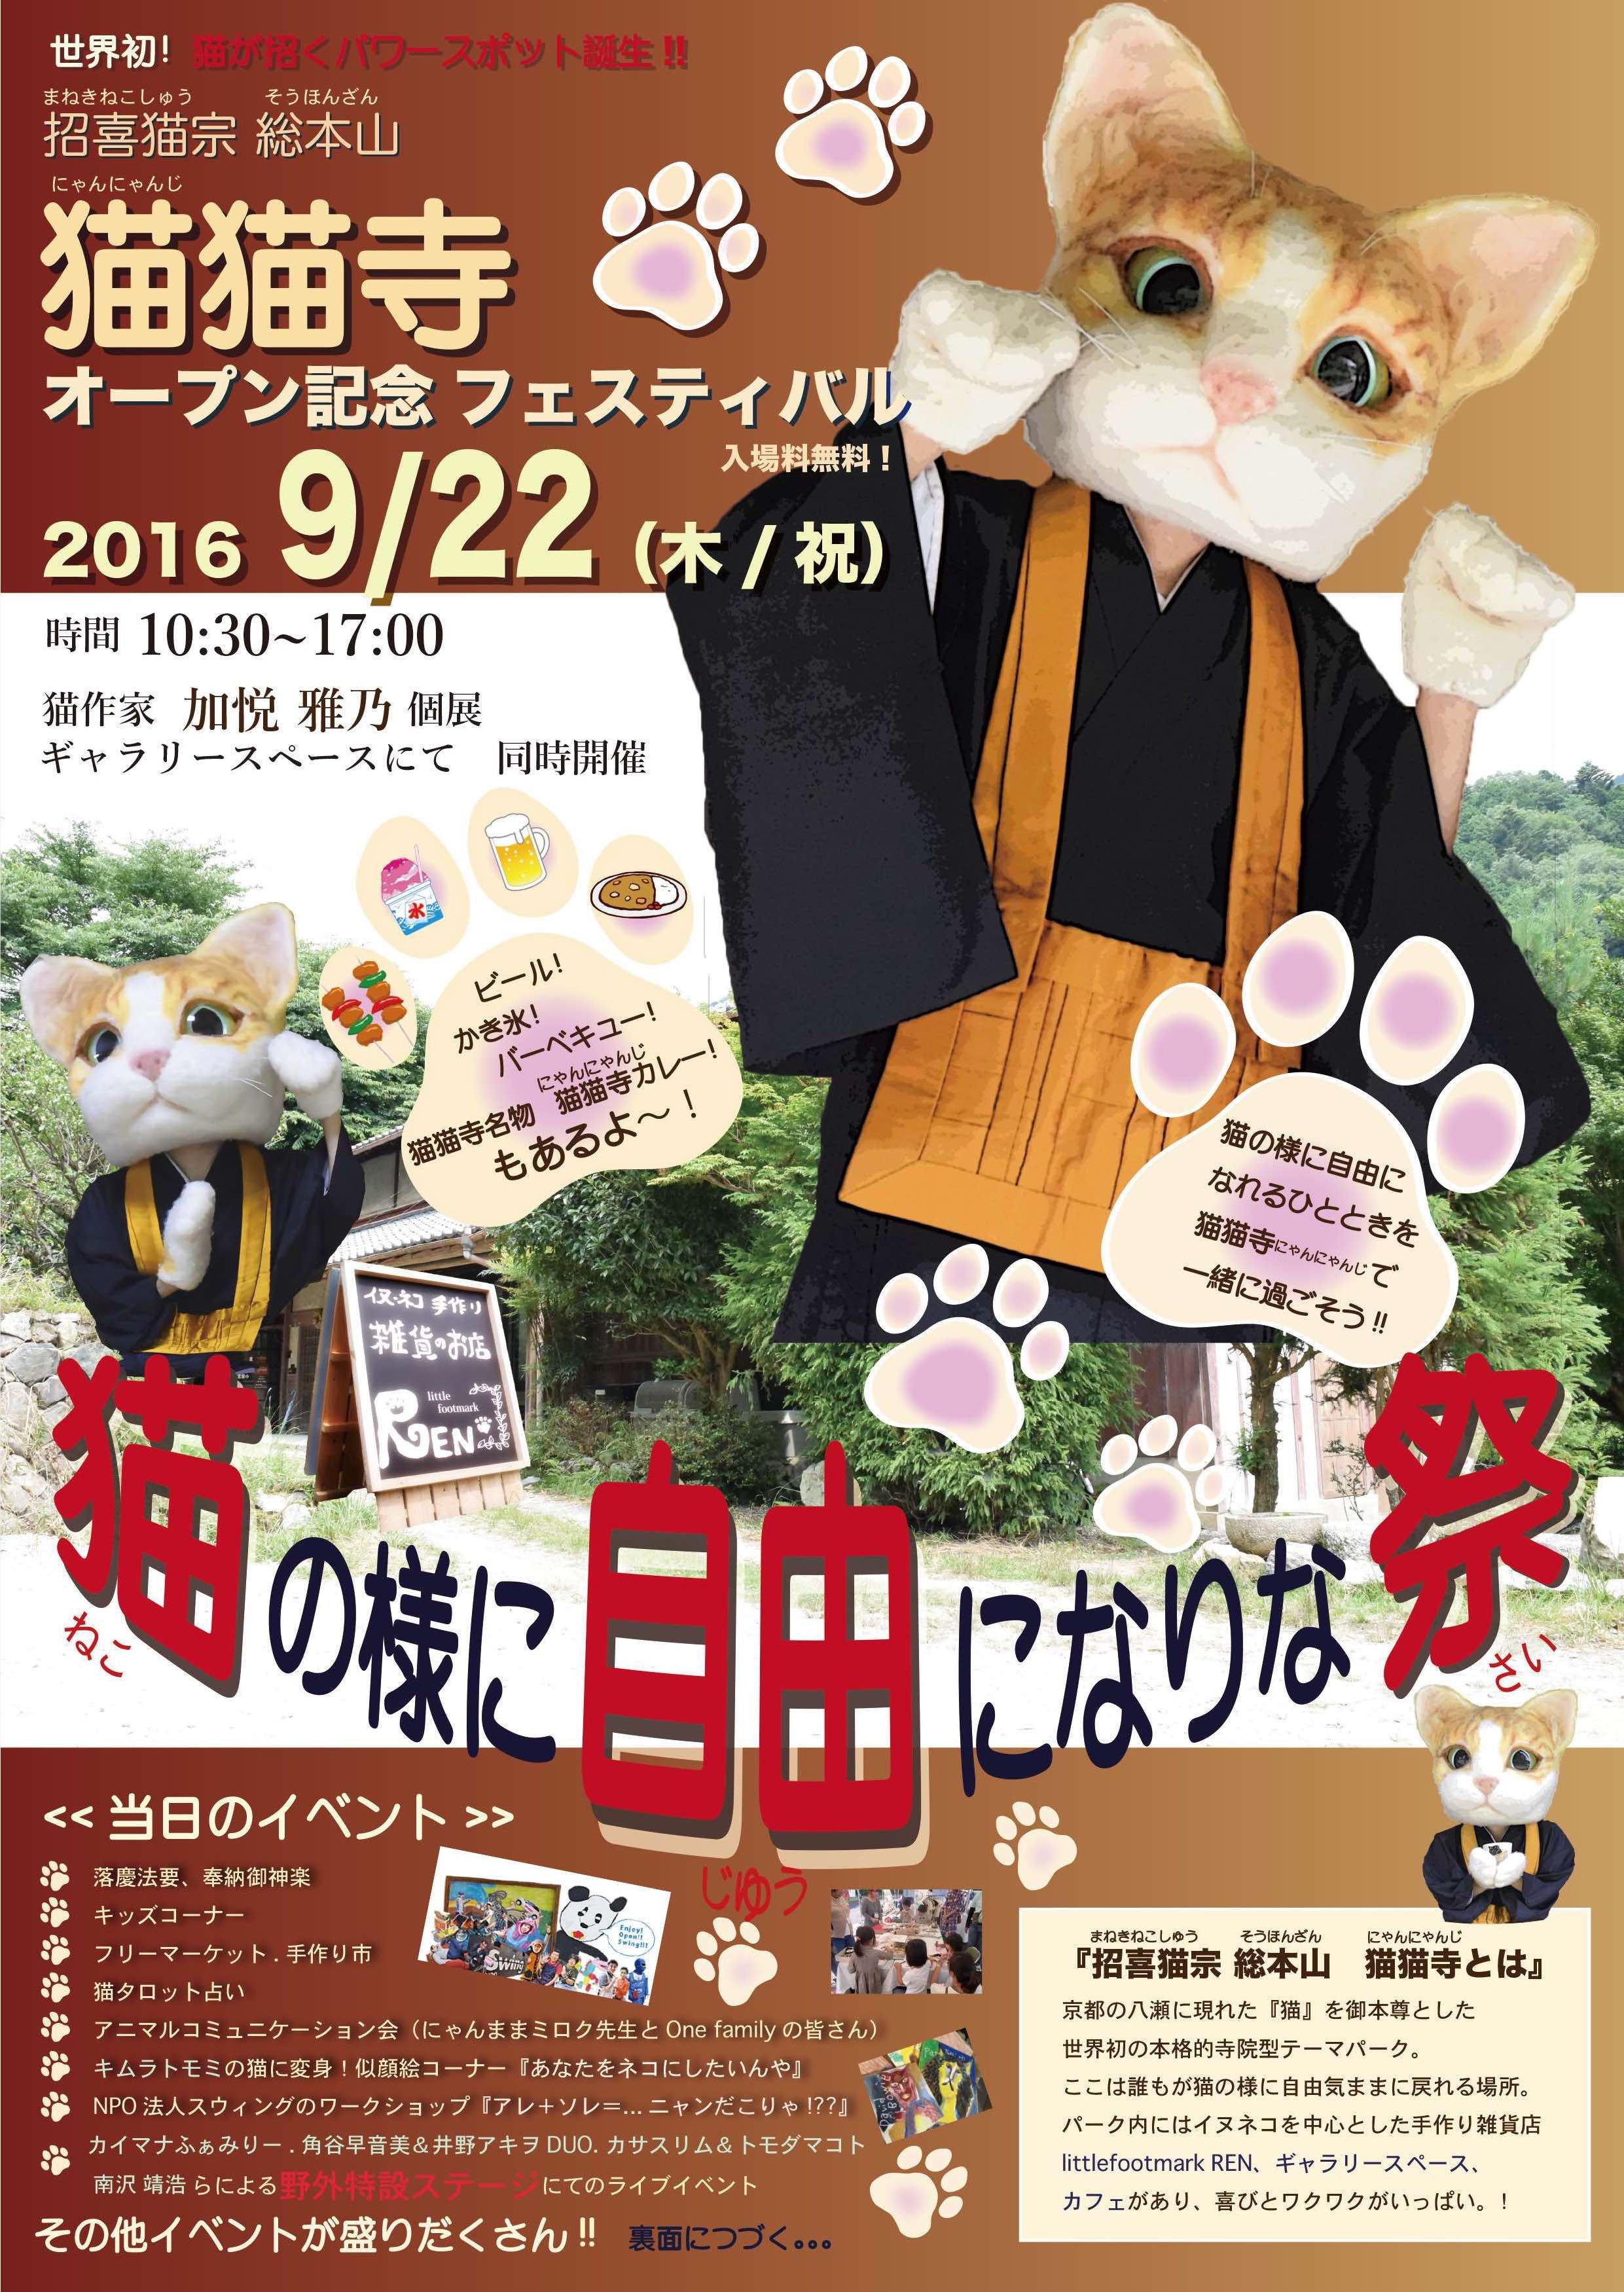 猫猫寺! 来る9月22日。いよいよオープン!! 猫好きさん集まれ〜!!